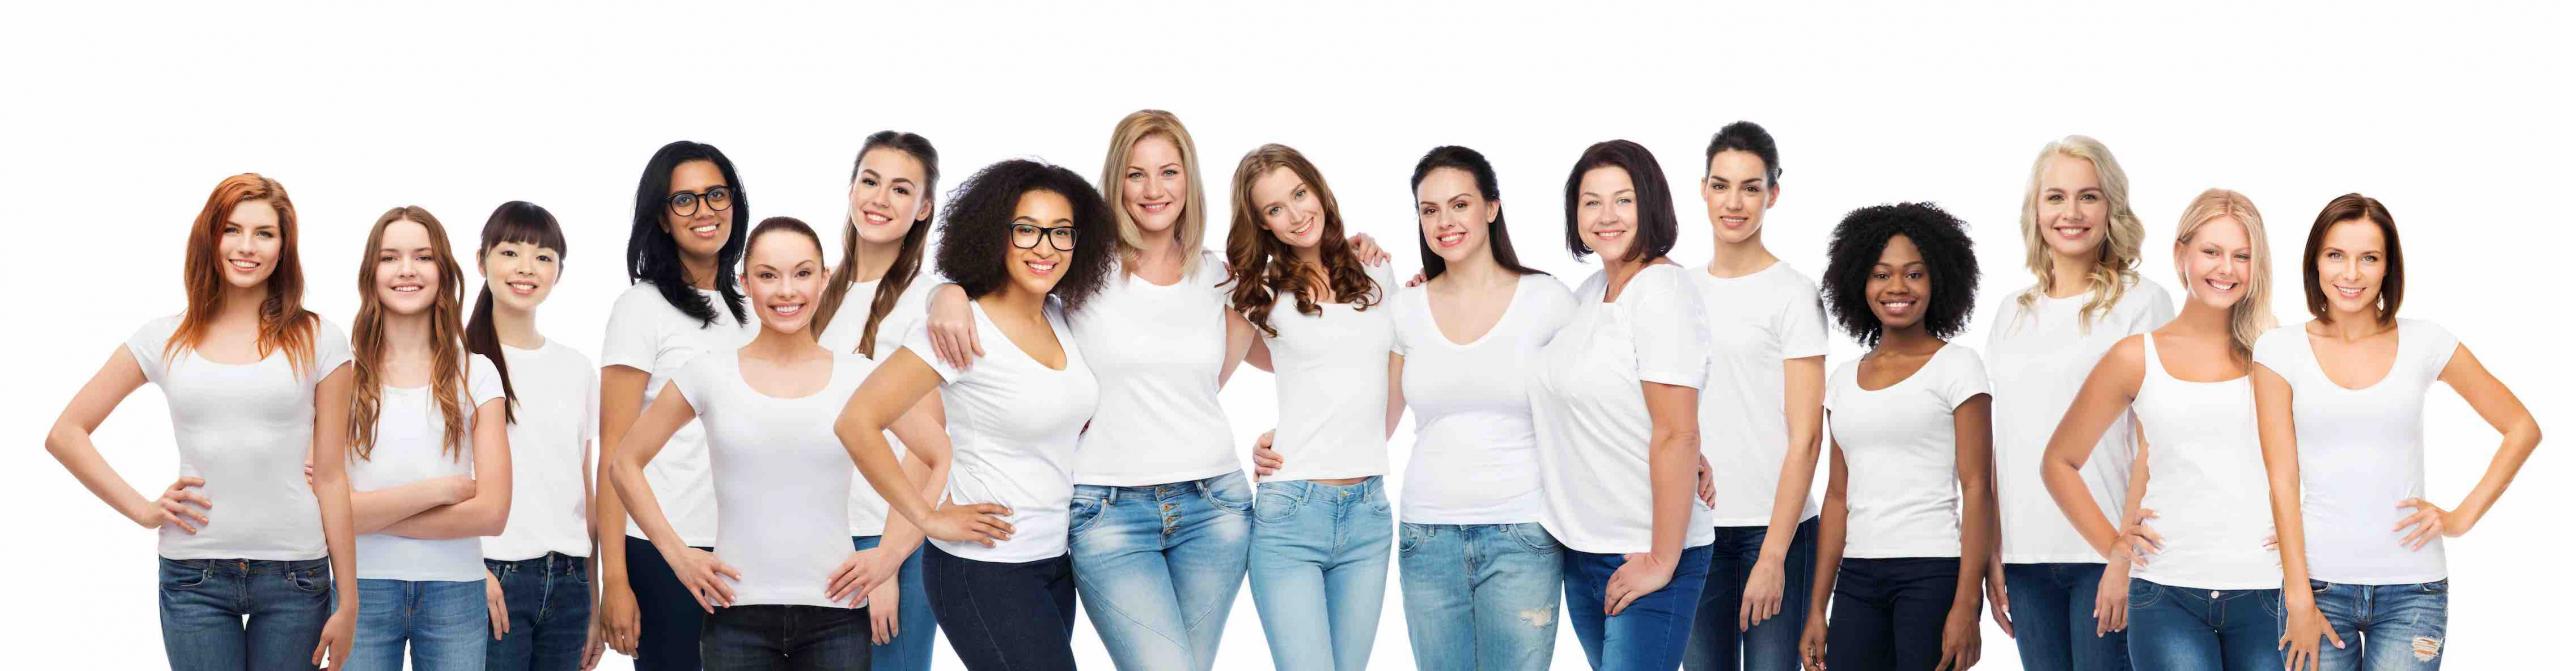 ayda soin cosmétique bio blog beauté